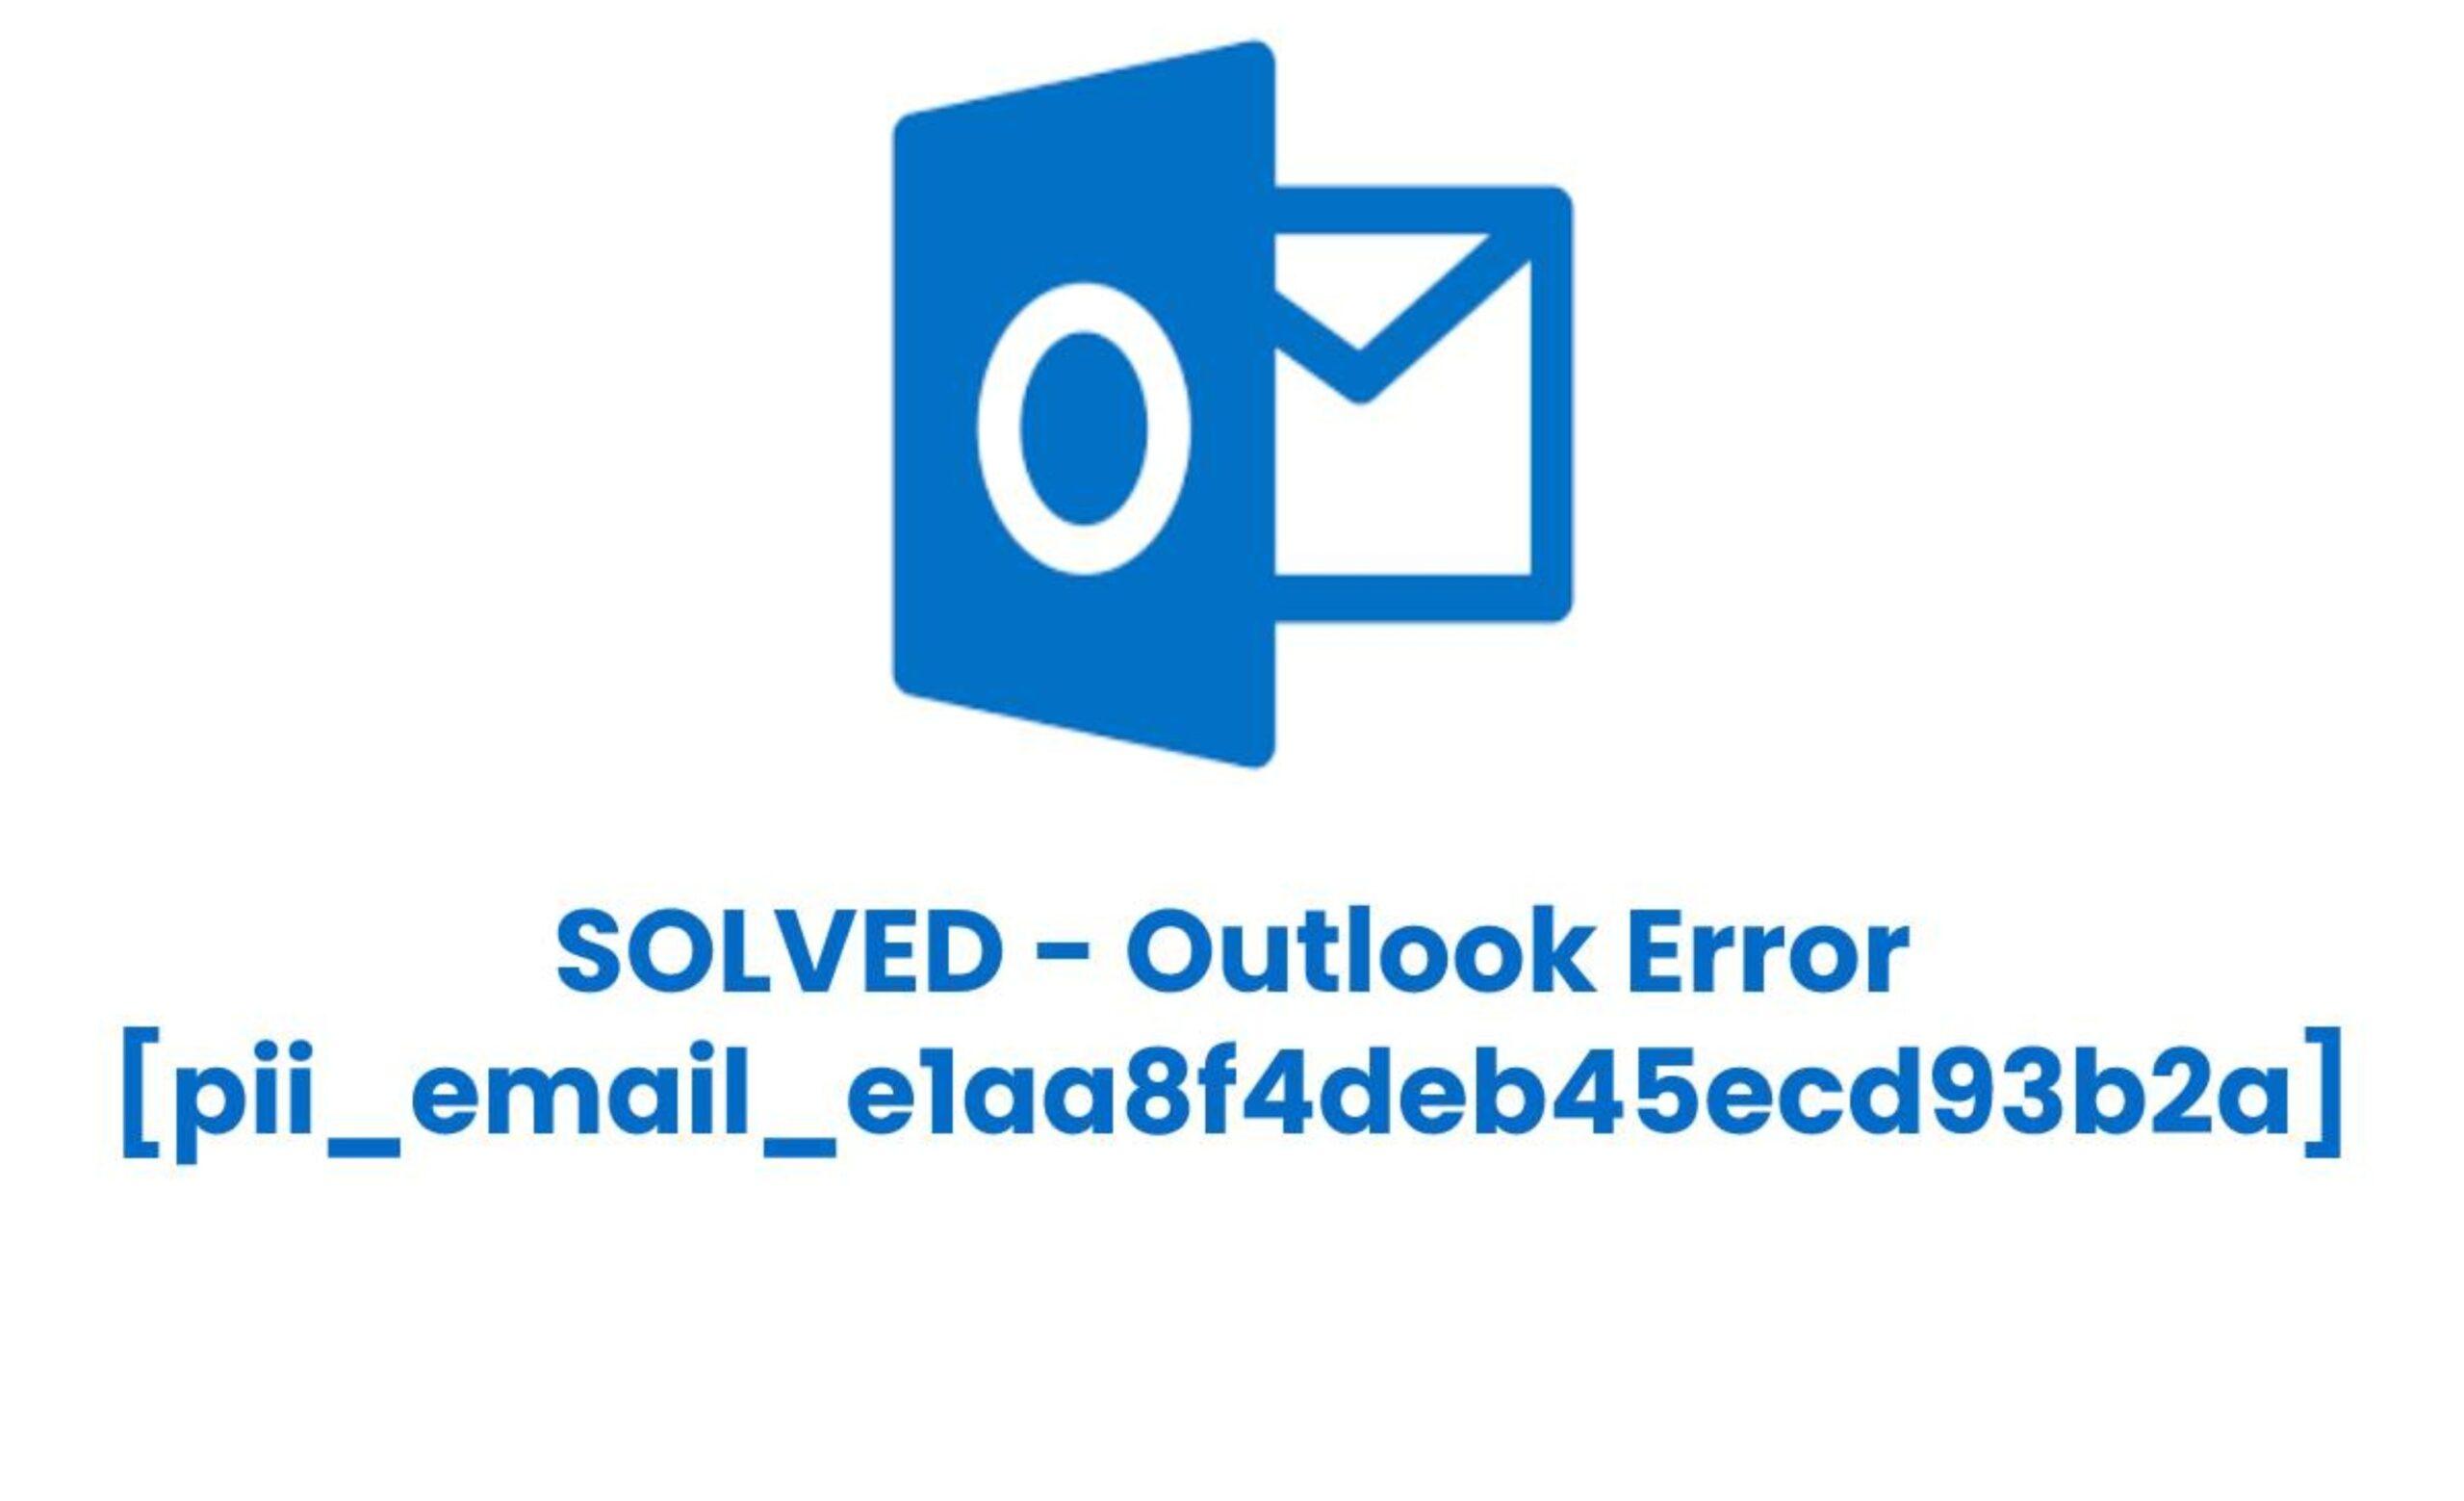 Fix outlook error code pii_email_e1aa8f4deb45ecd93b2a